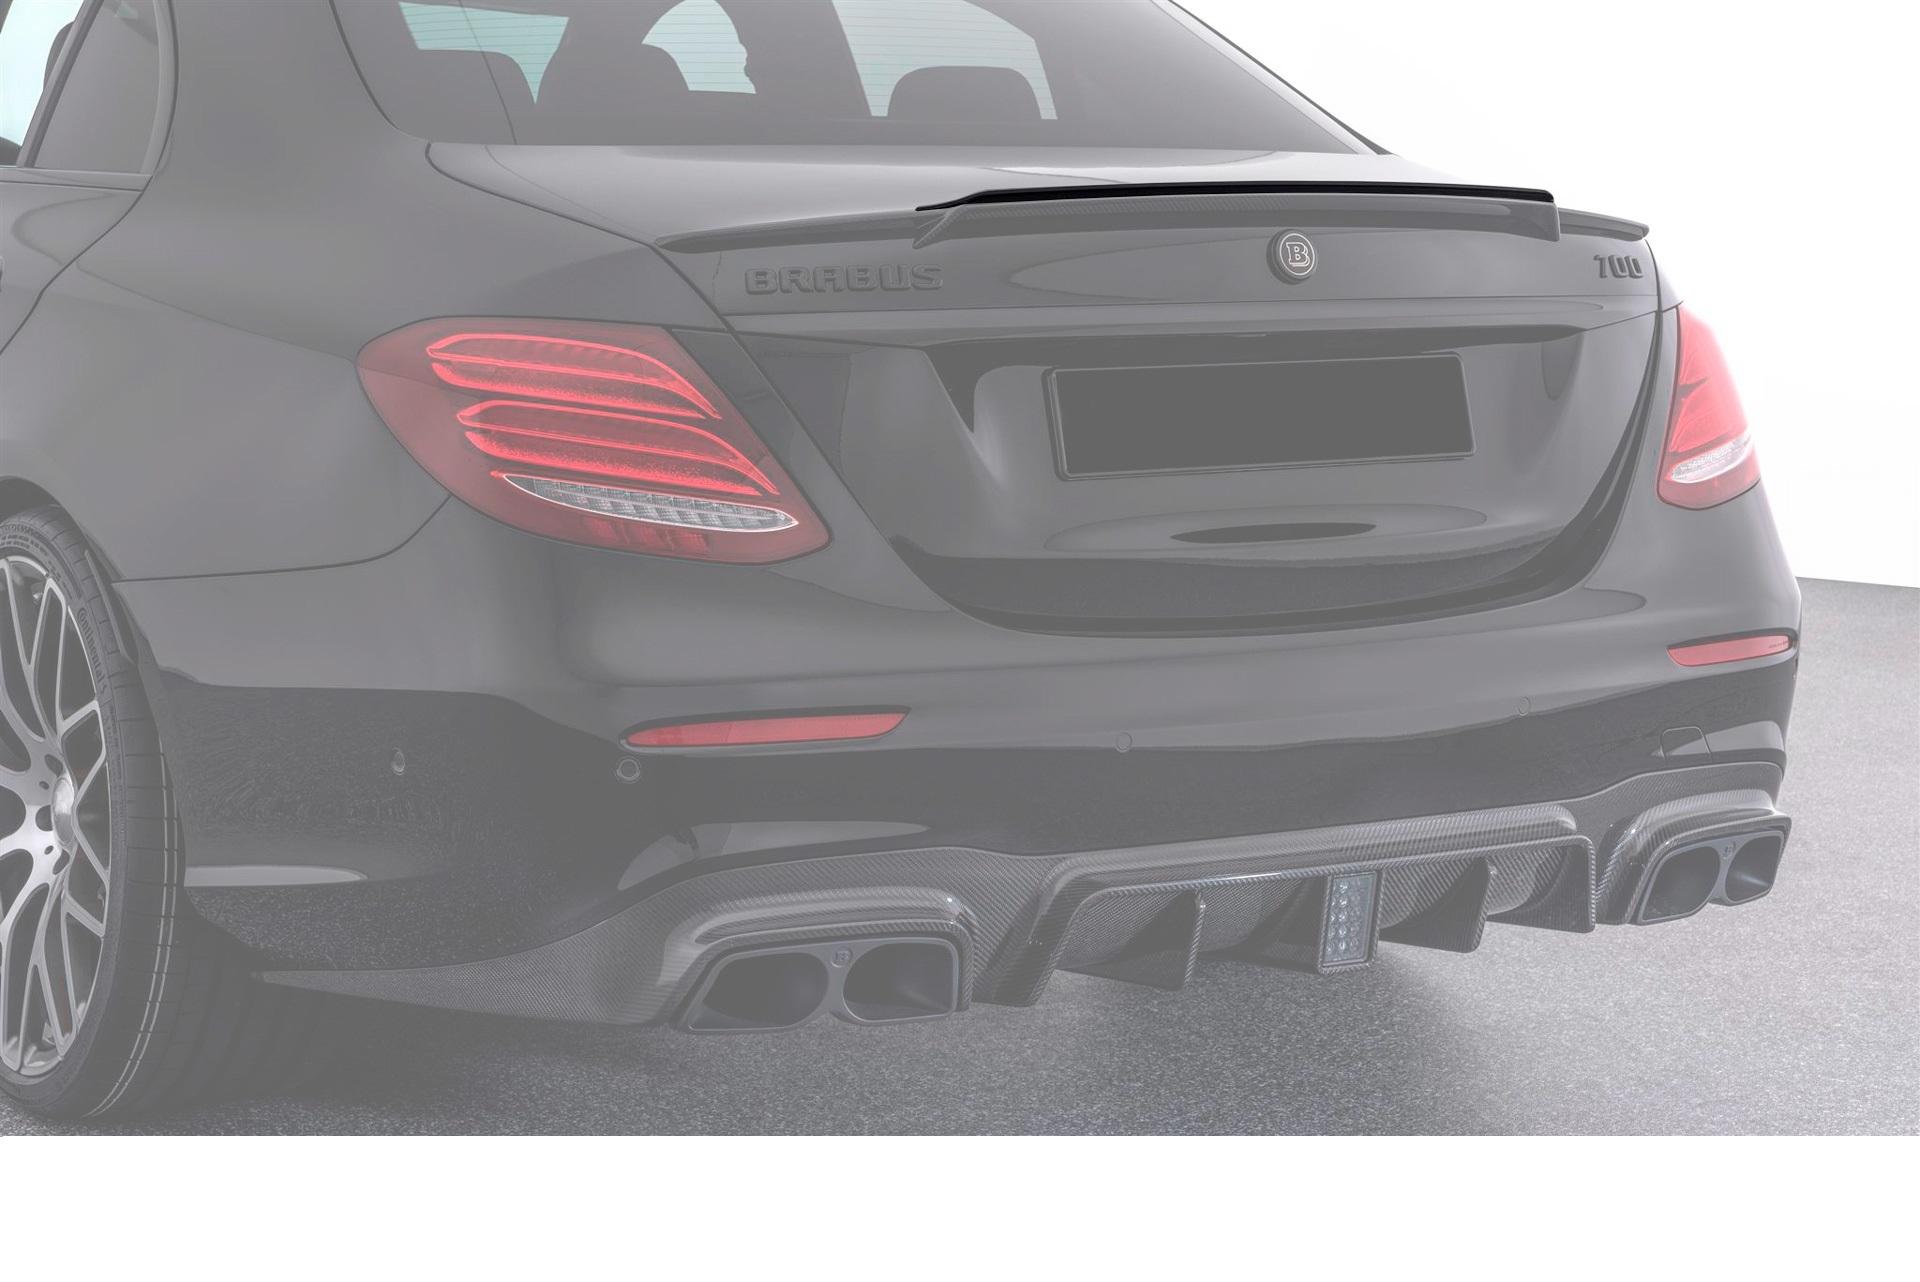 Карбоновая накладка на спойлер на багажник 63 AMG Brabus Style для Mercedes E-class W213